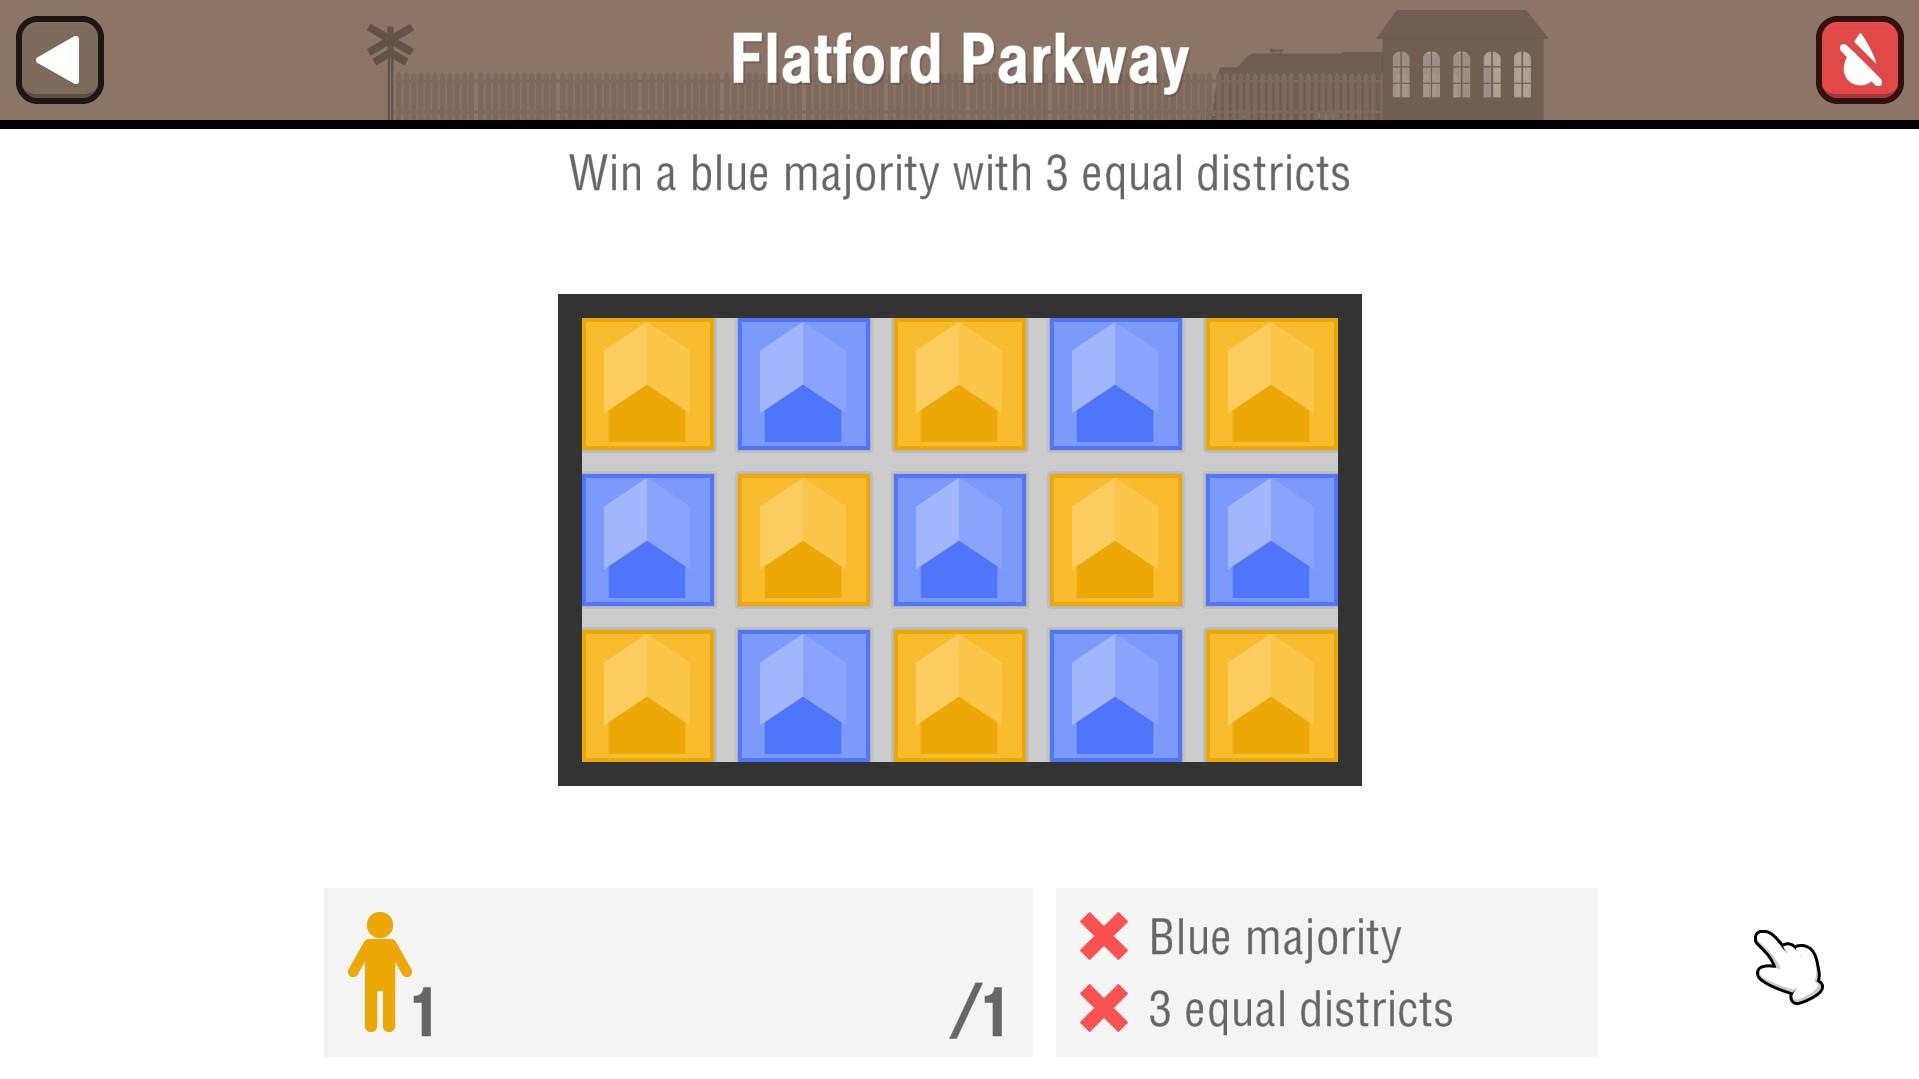 Flatford Parkway